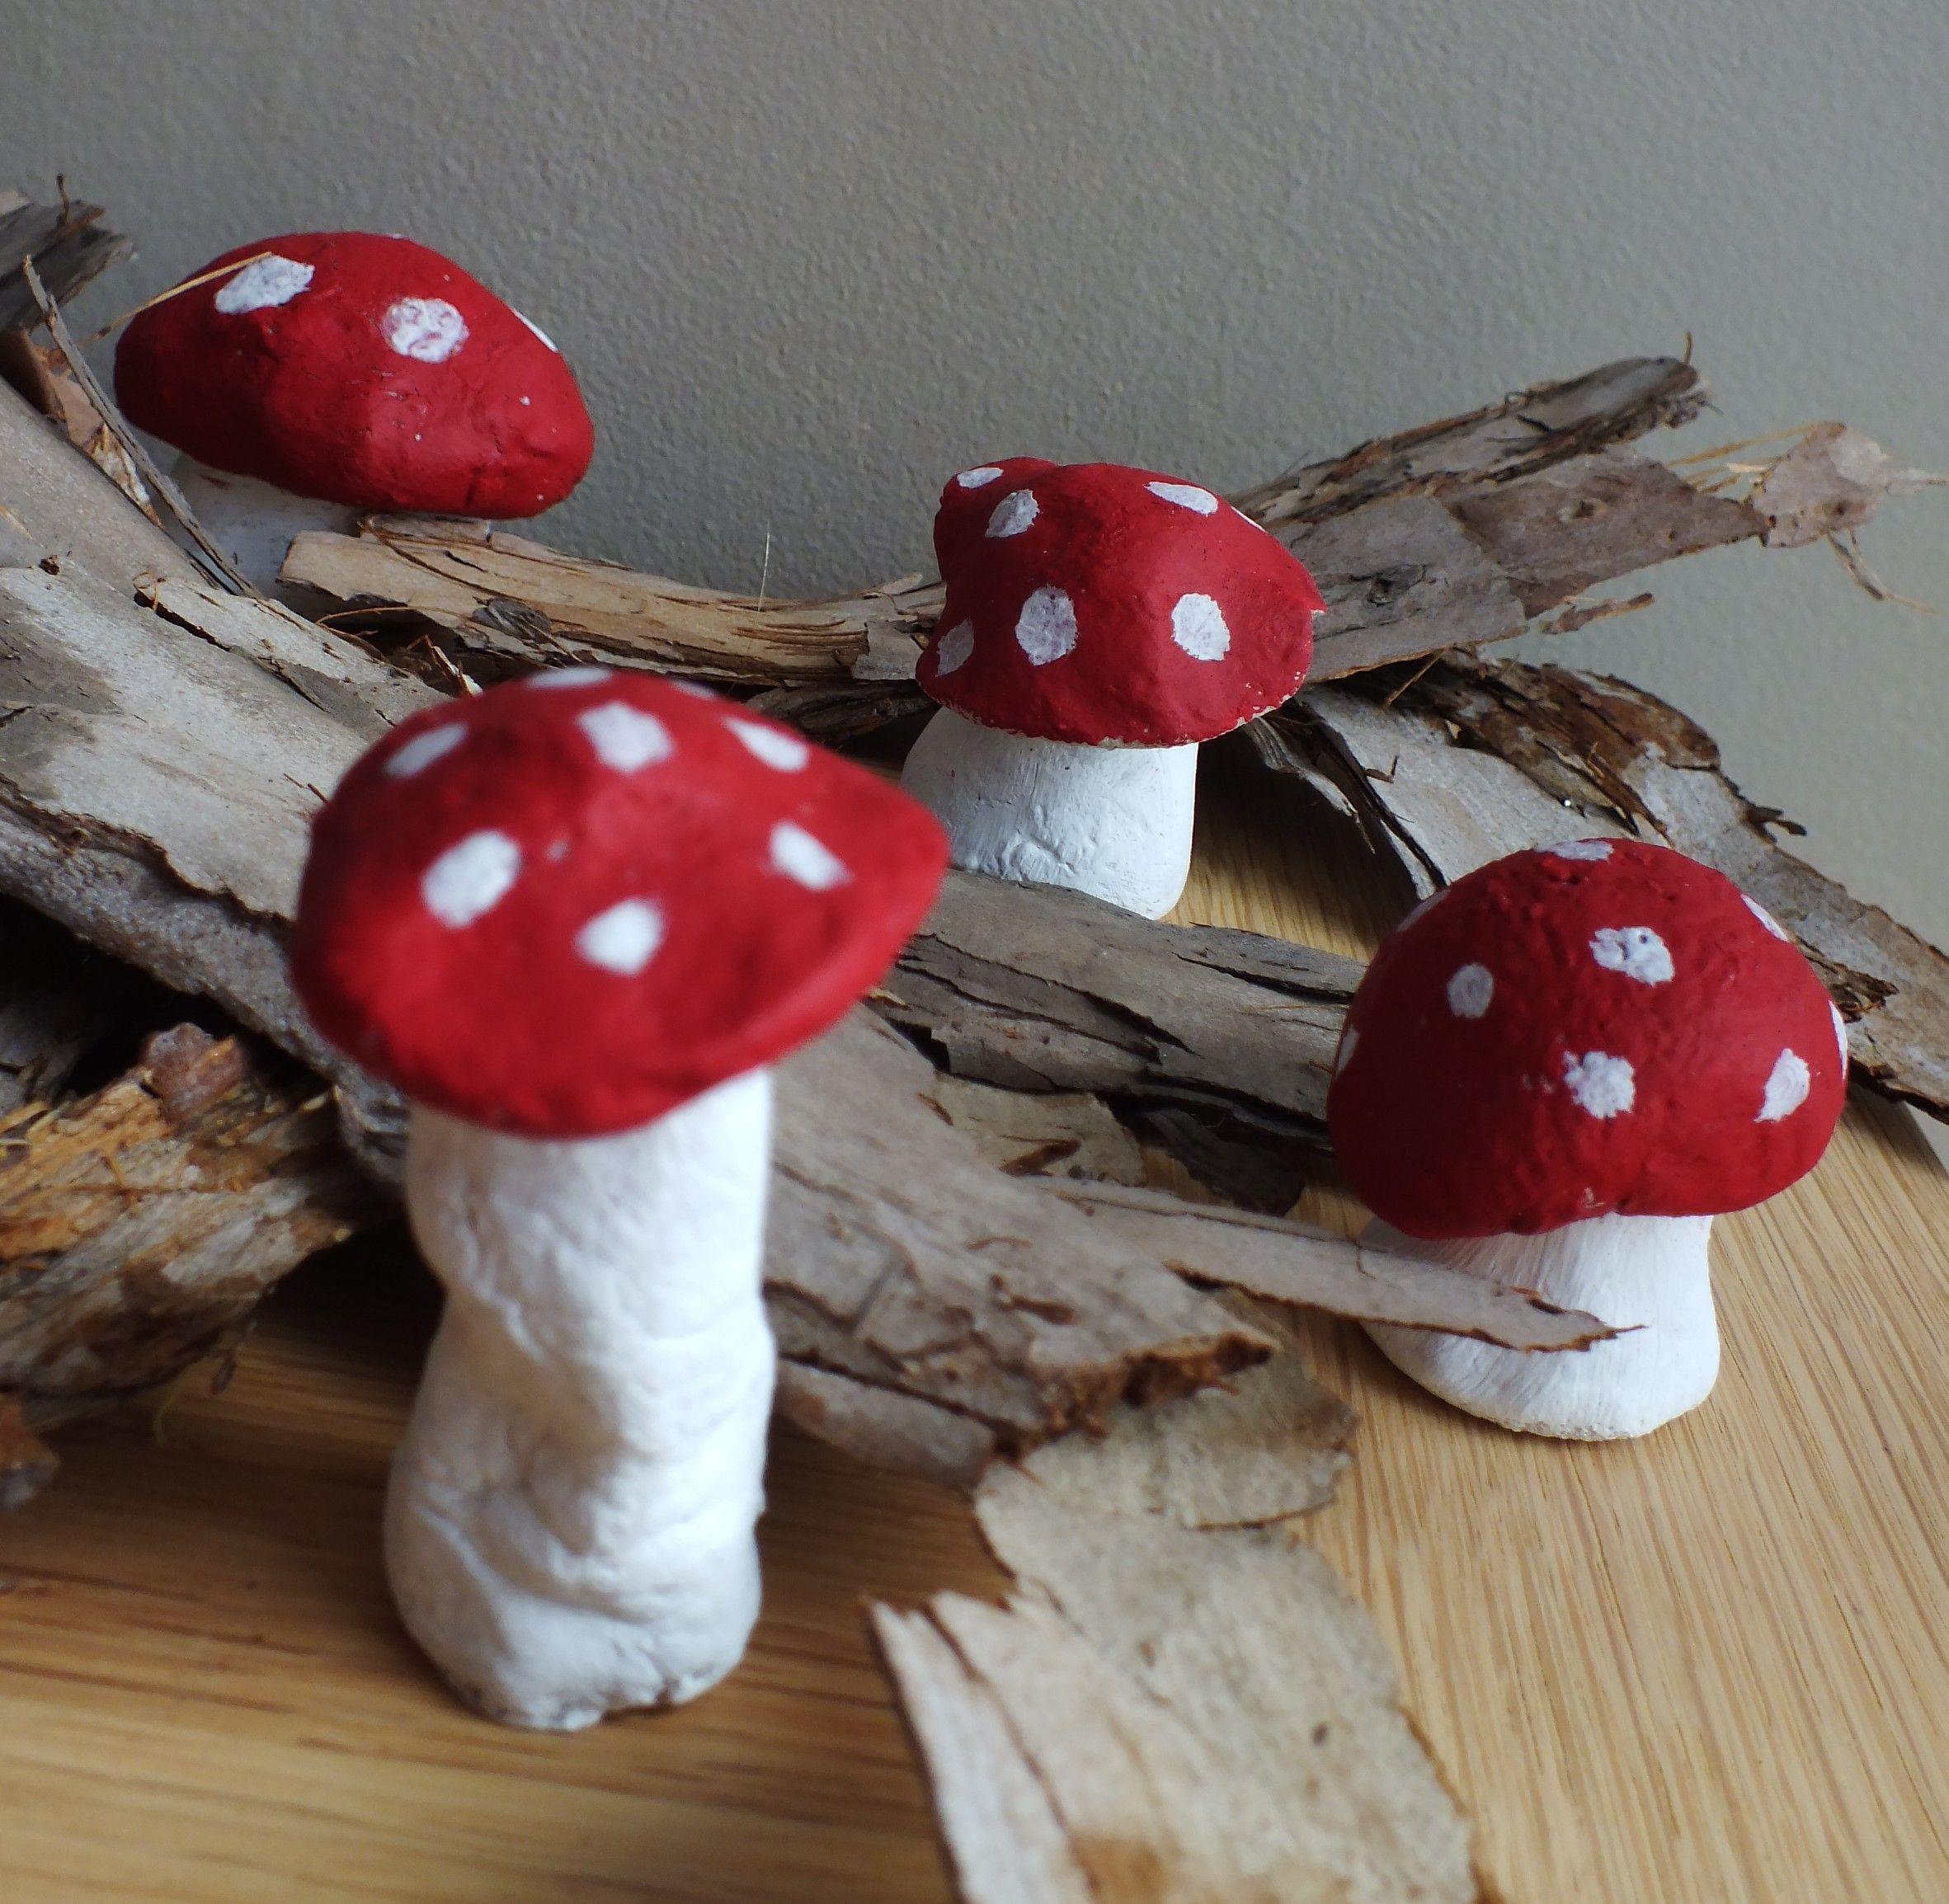 fabriquer un champignon en p te sel automne pinterest champignon p t s et sels. Black Bedroom Furniture Sets. Home Design Ideas